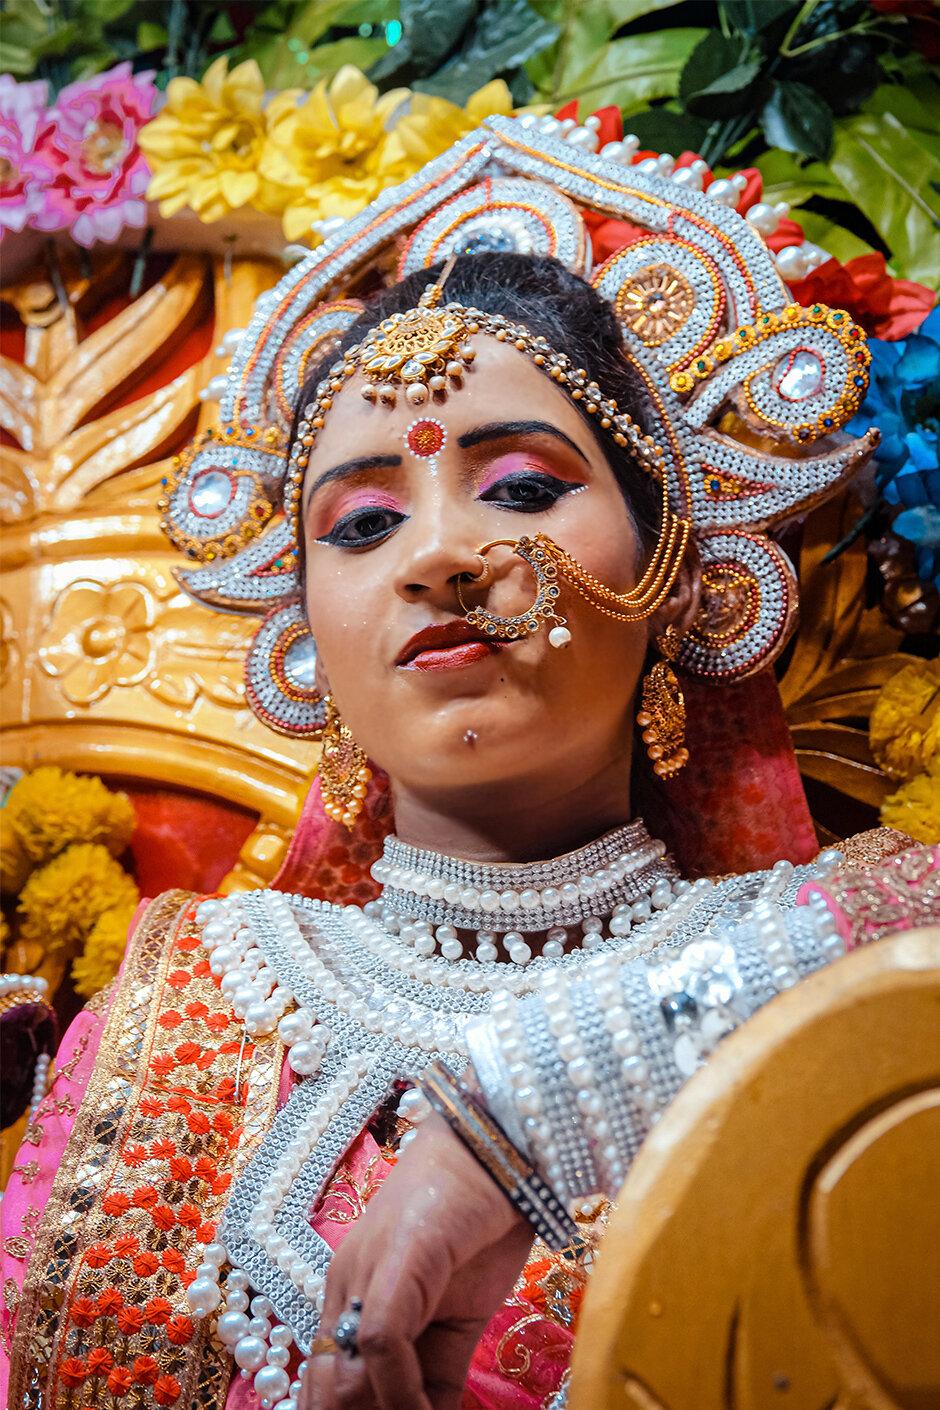 Sita - The indian princess